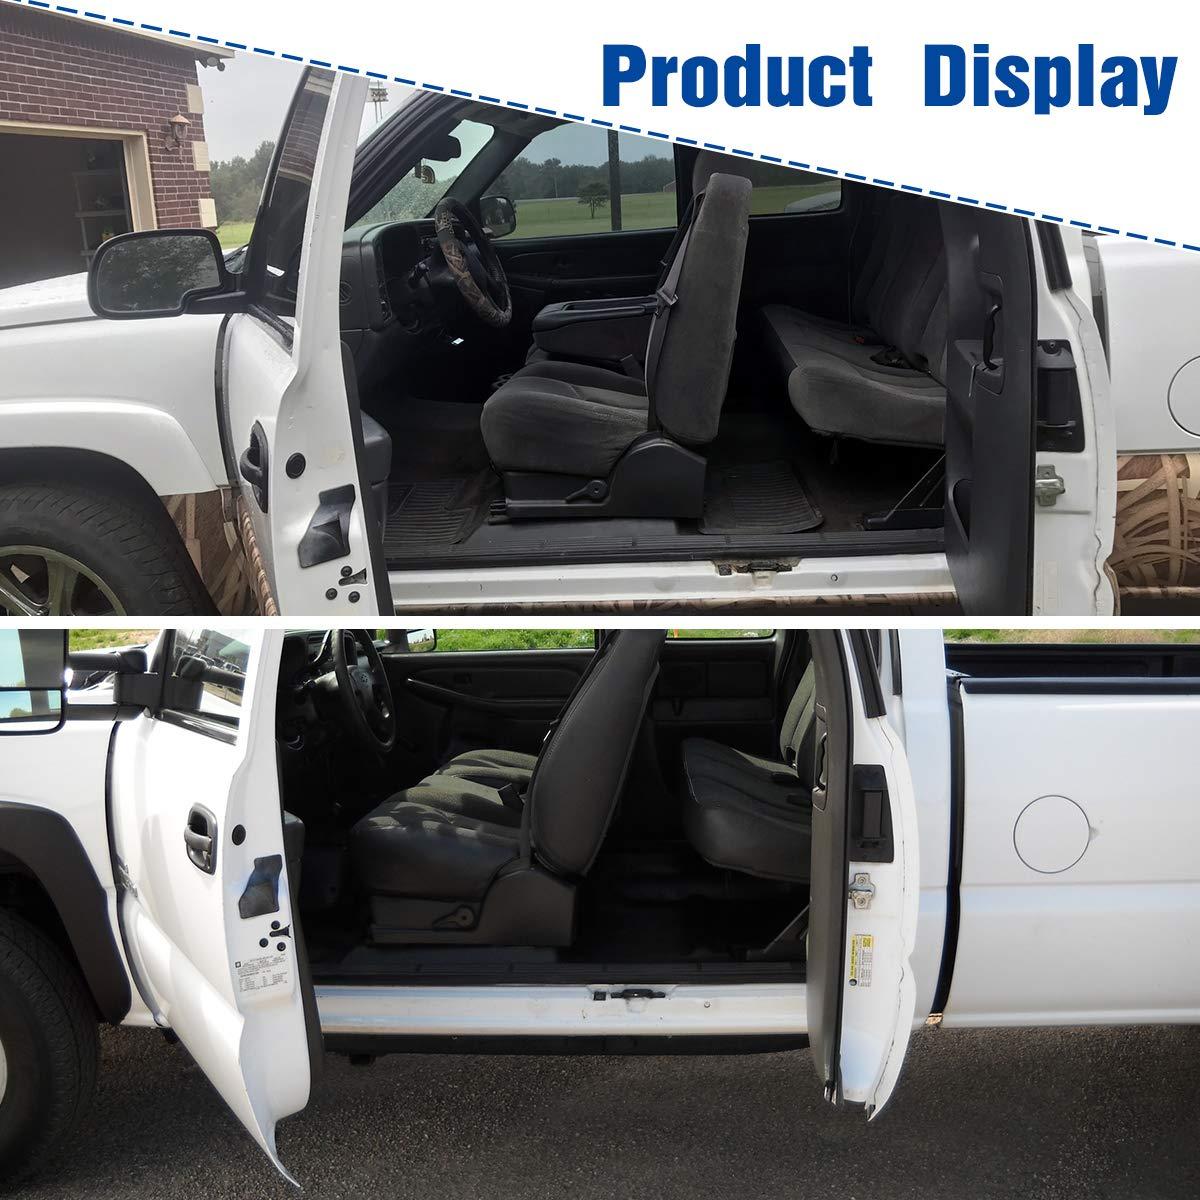 Compatible for Chevy Silverado Extended Cab Door Handle, YITAMOTOR